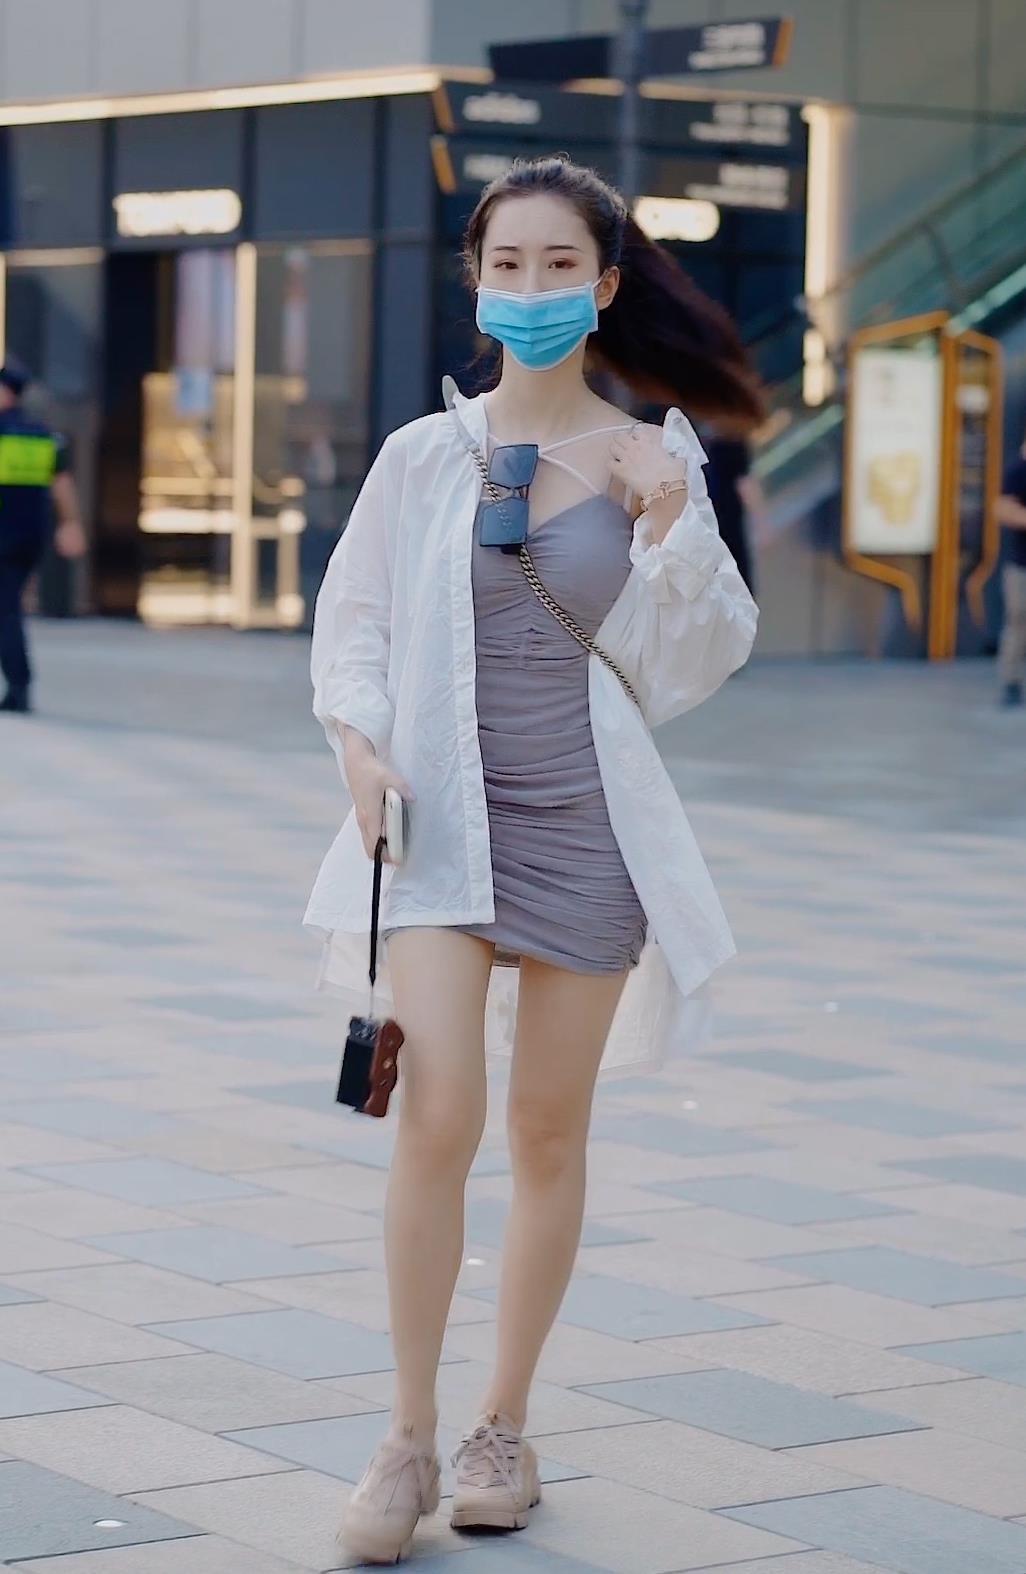 交叉系带太心机,再来一件白衬衫,修身连衣裙也能穿成休闲风